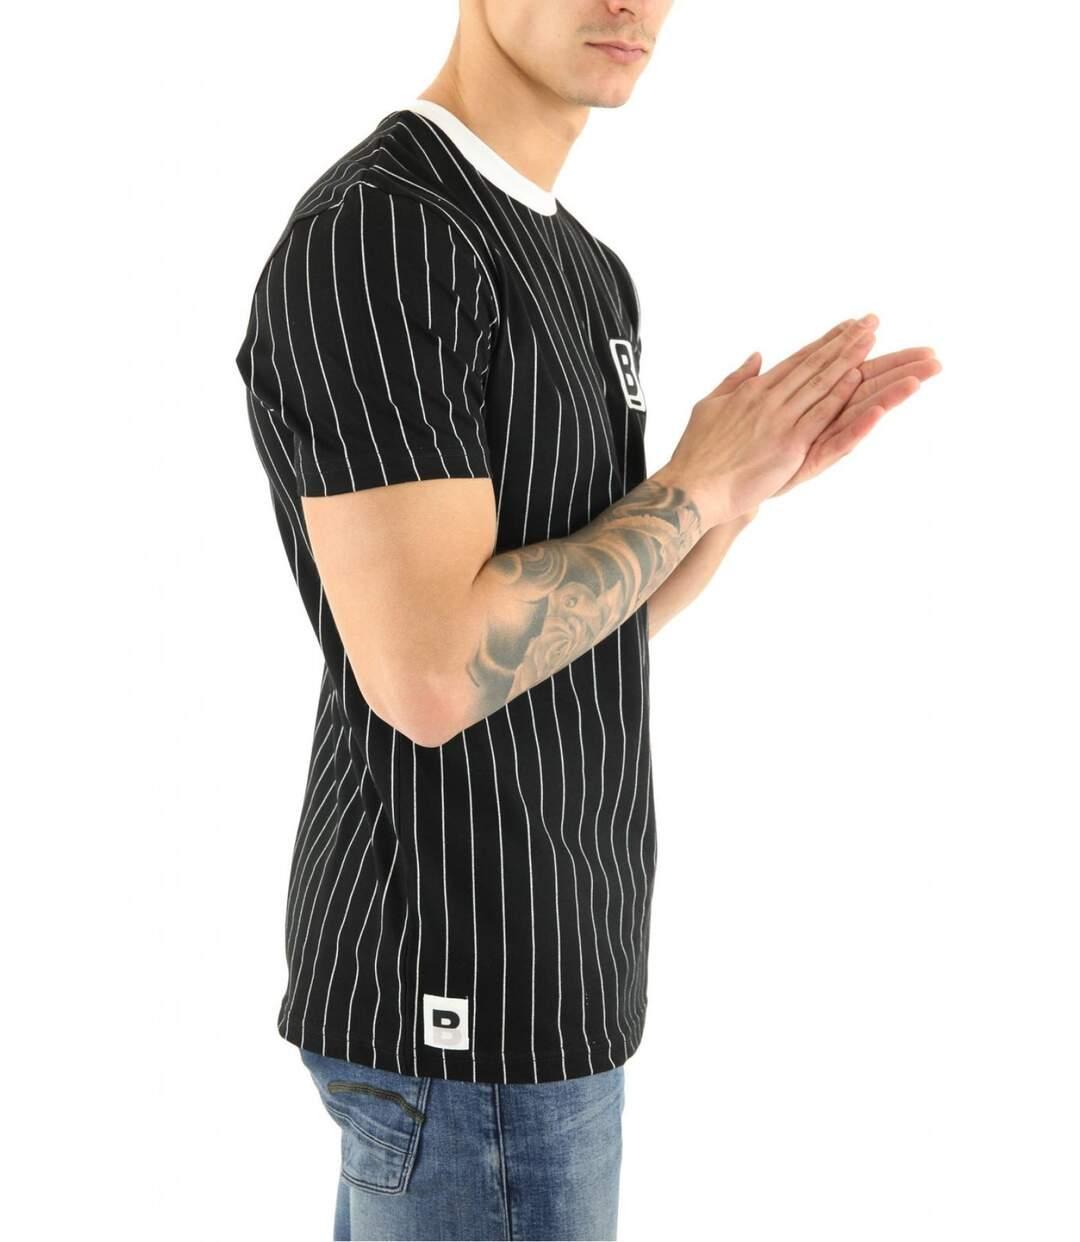 Tee shirt coton BR 213224  -  Braz - Homme